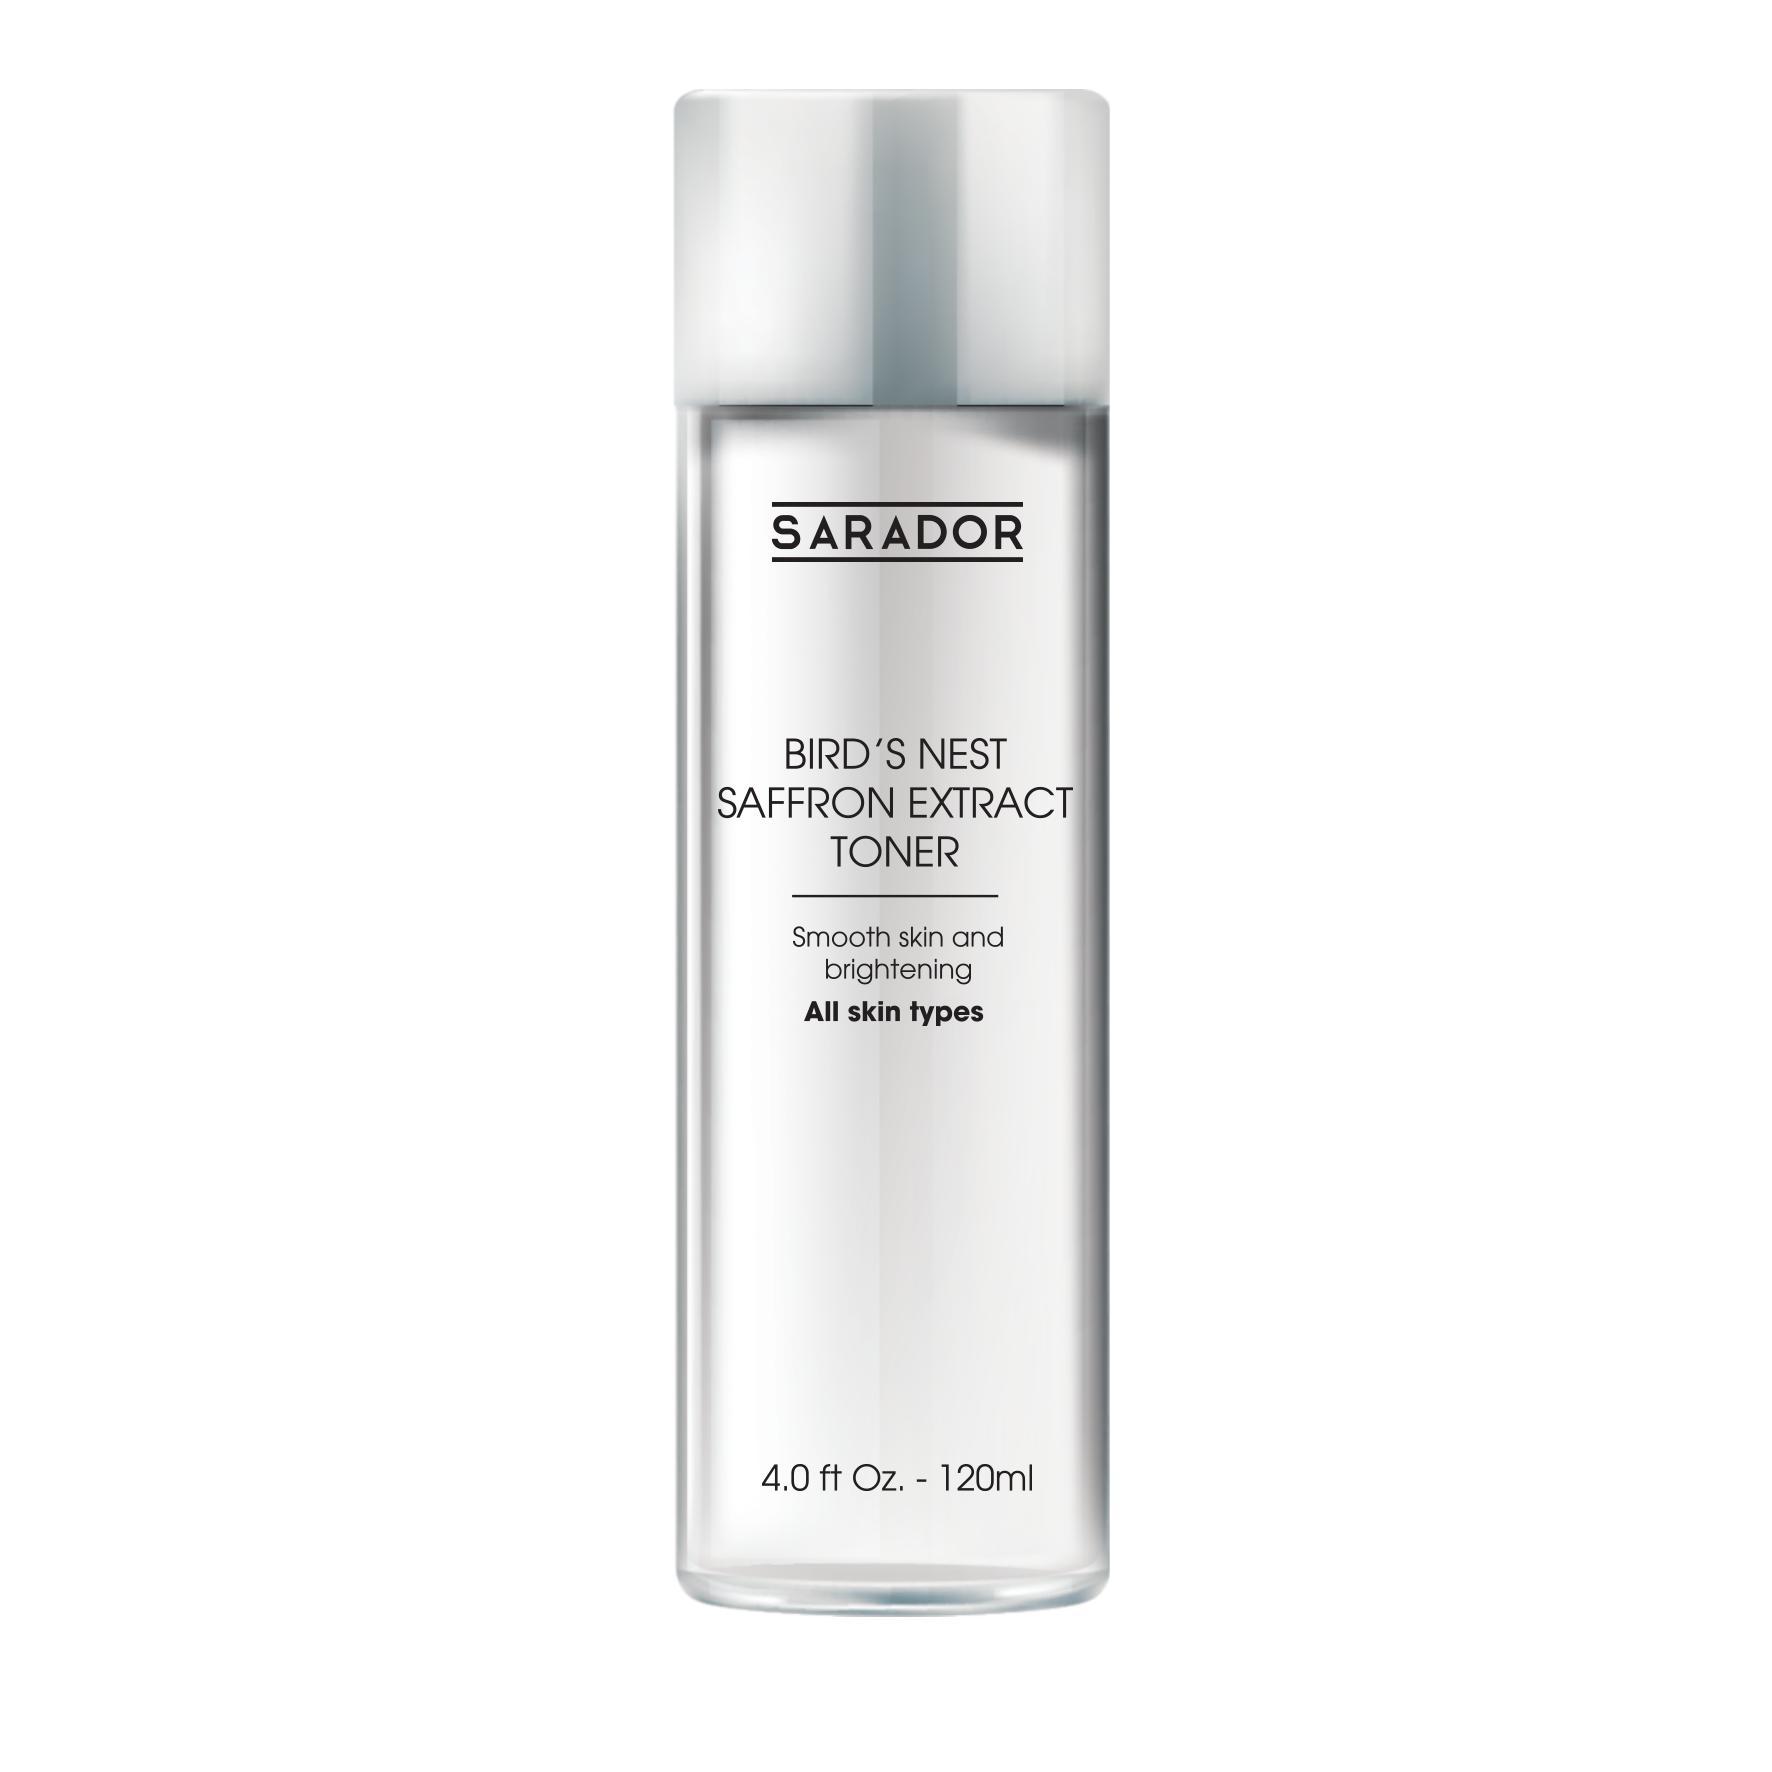 Toner dưỡng trắng và làm sạch sâu bề mặt da